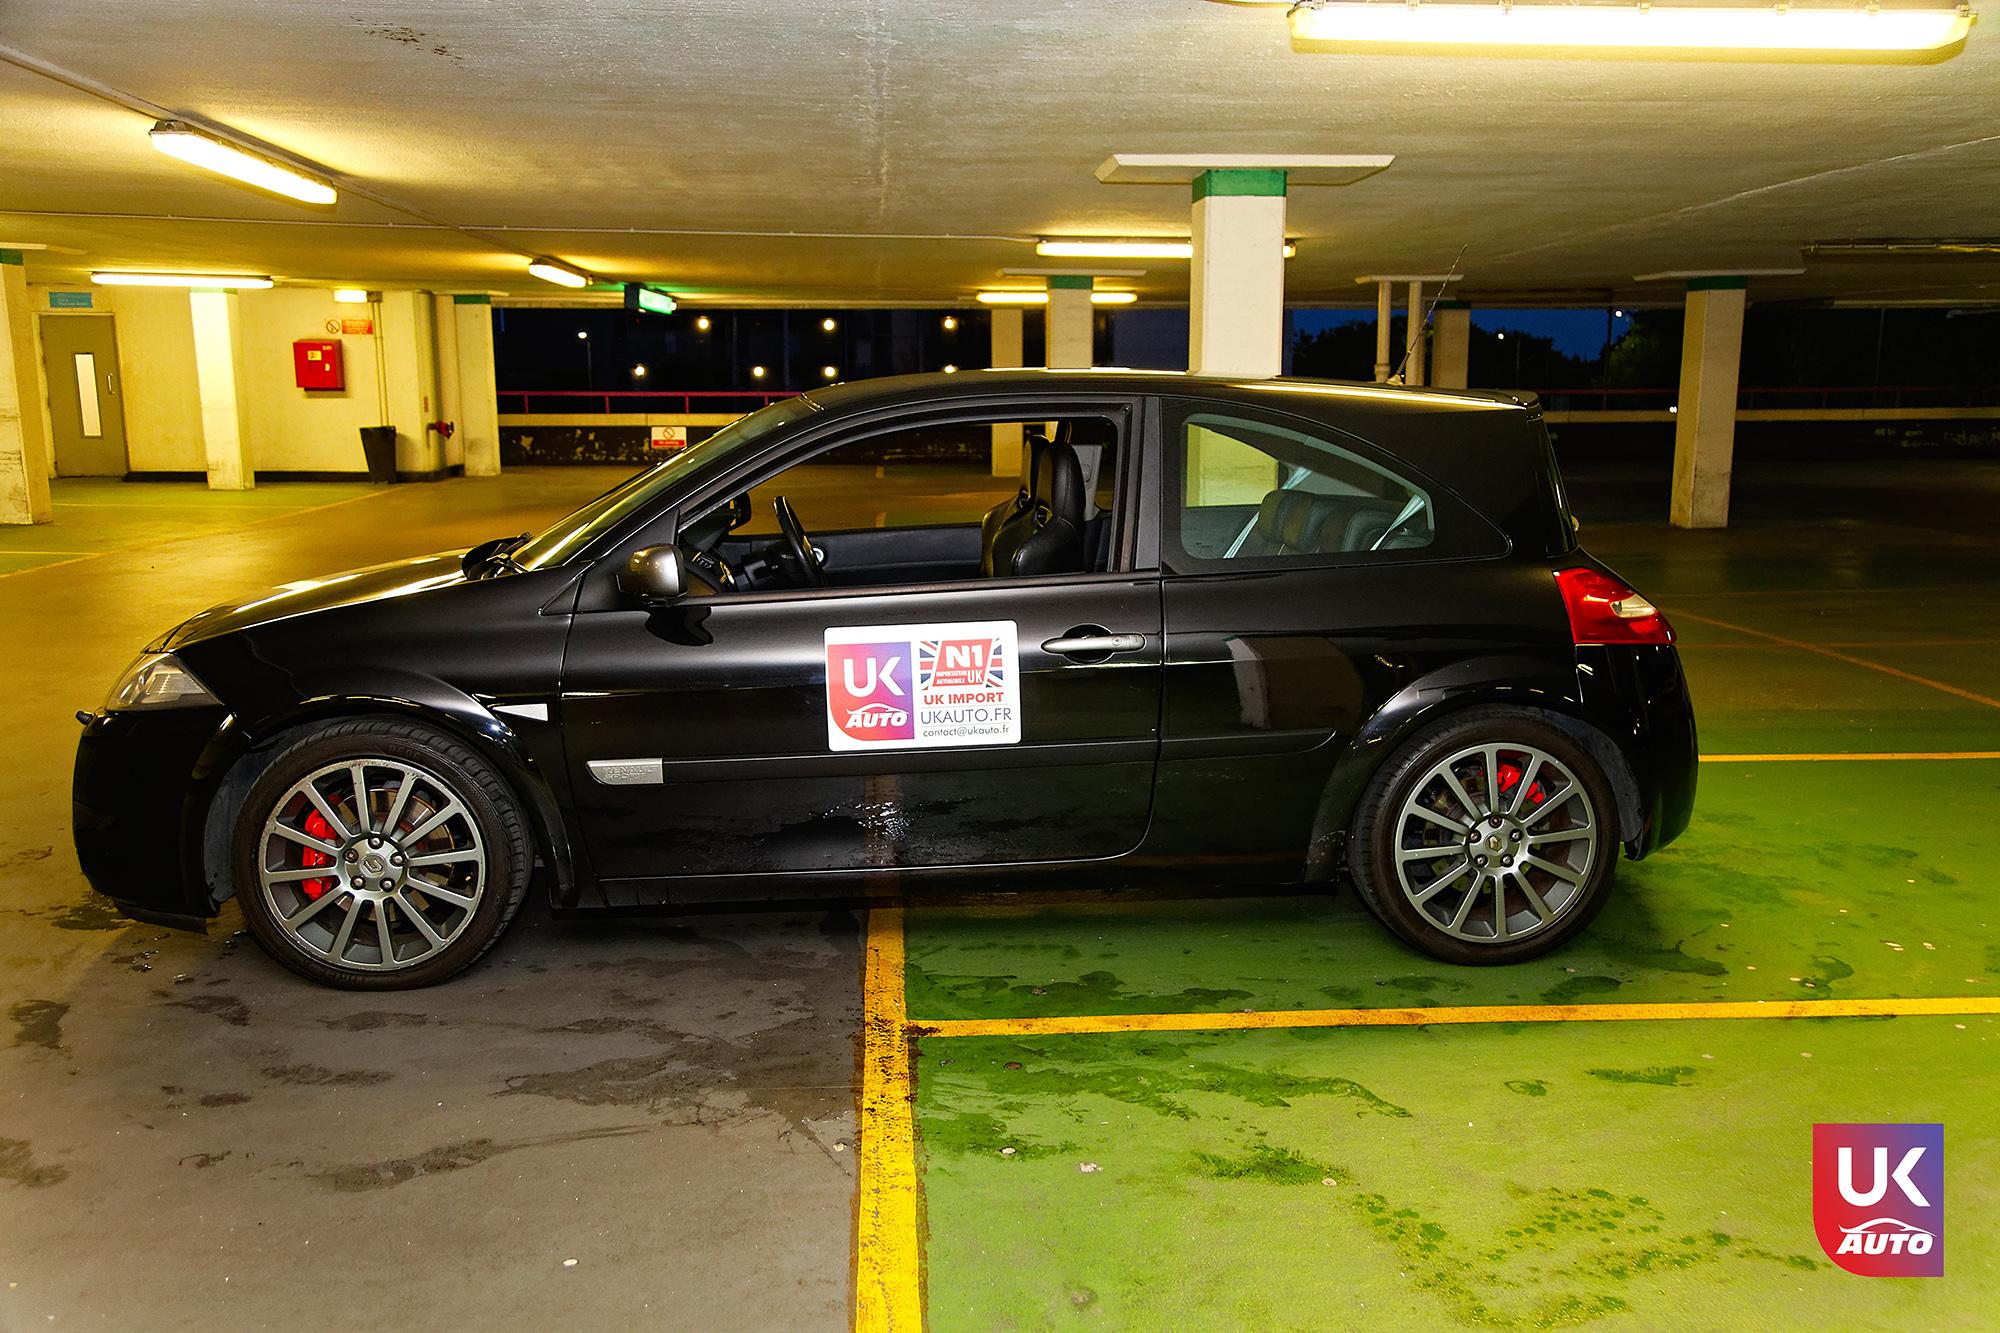 import voiture anglaise renault megane rs renault sport f1team uk import rhd4 - Felecitation a Yann pour cette Renault Megane Renault Sport R26 F1 TEAM rhd voiture grande bretagne import